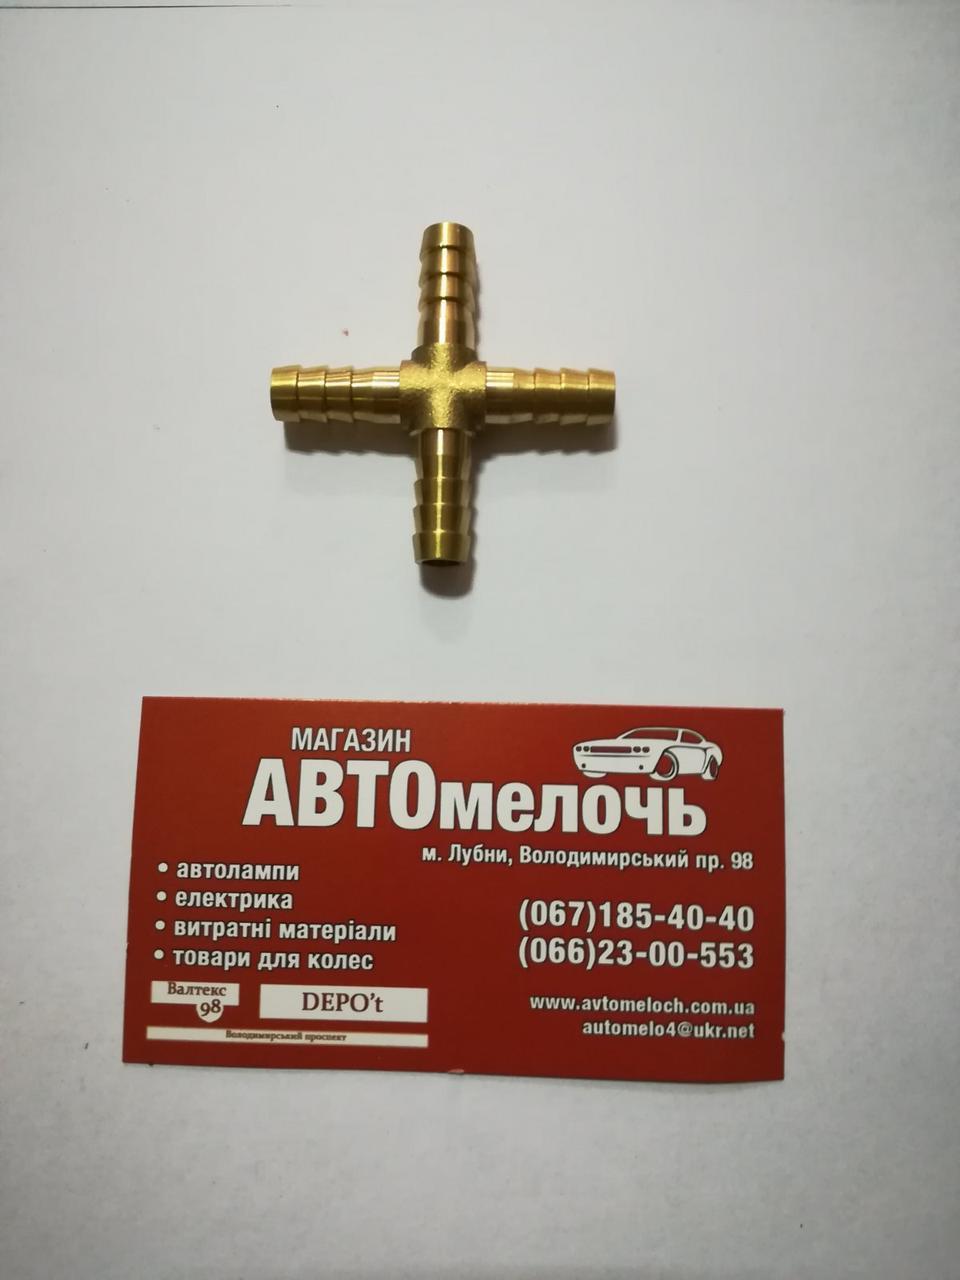 Соединитель шланга (ёлка) крестообразный 8 мм латунный Турция